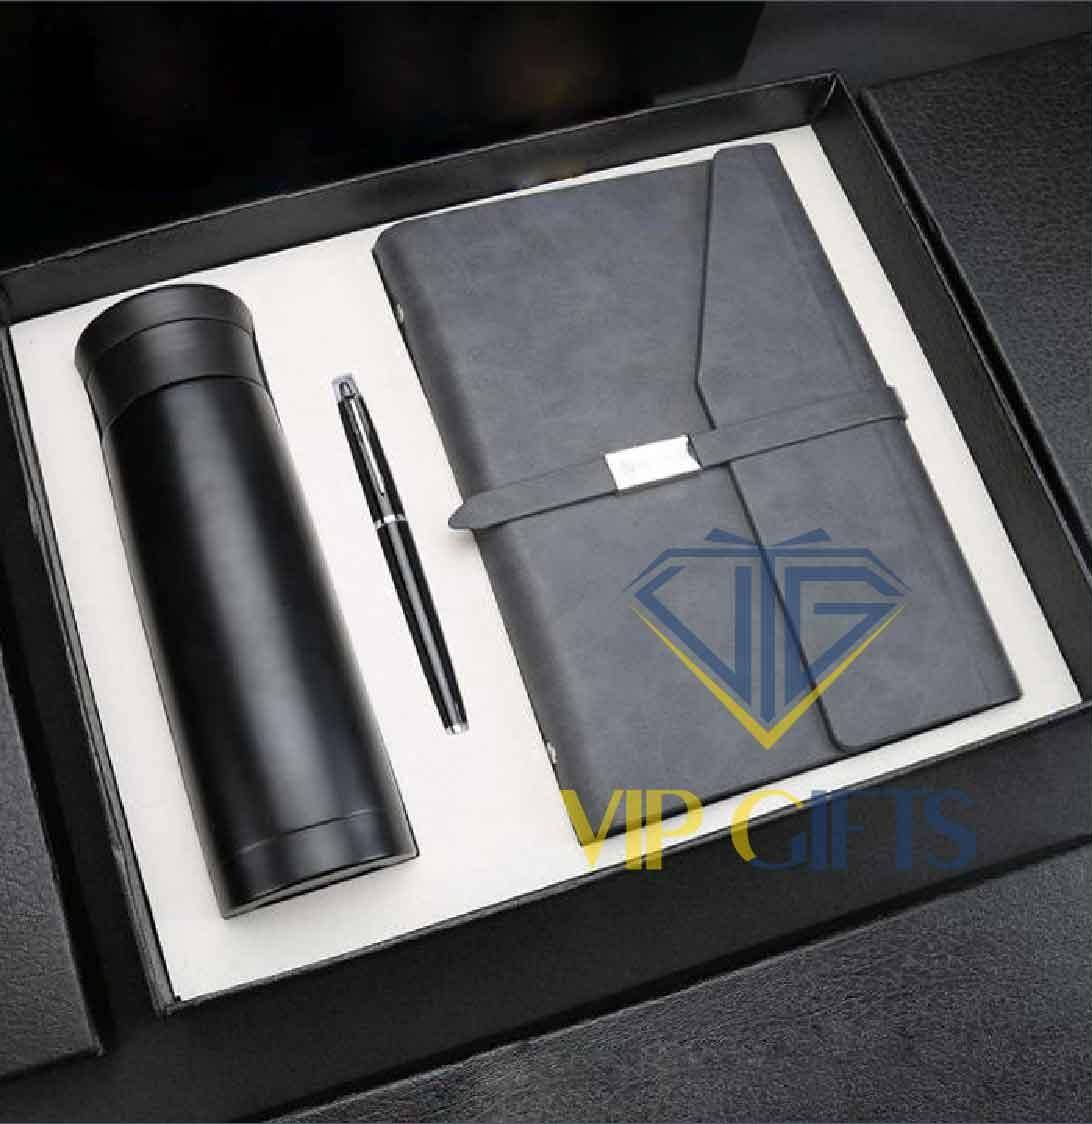 Bộ giftset Quà tặng VIPSổ bút và bình giữ nhiệt 01